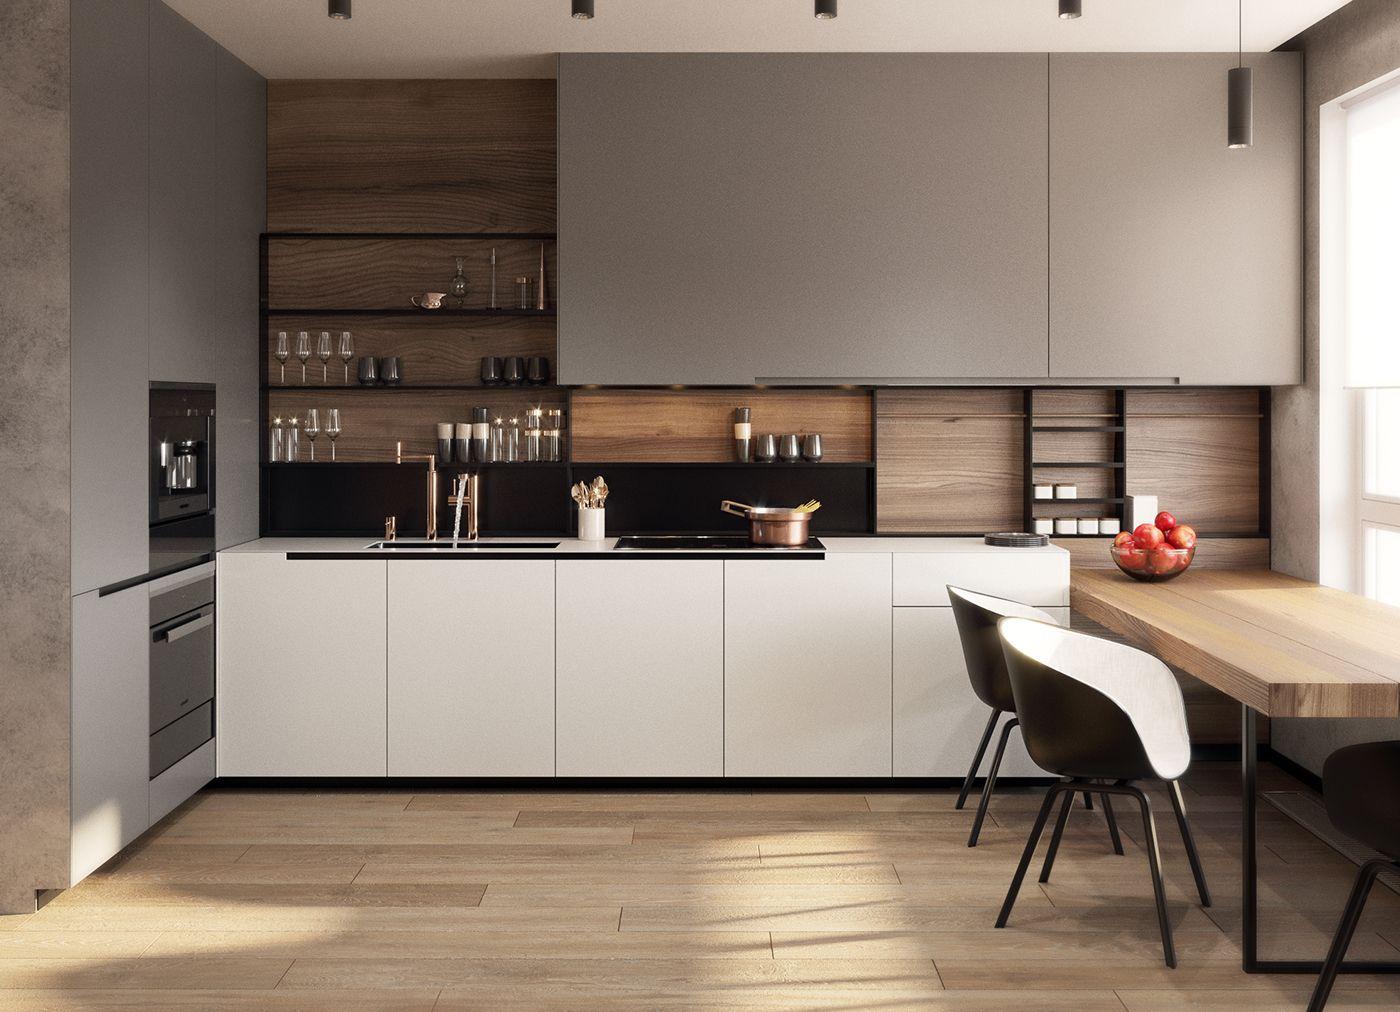 30080 Дизайн кухни 9 кв м: 8 важных пунктов